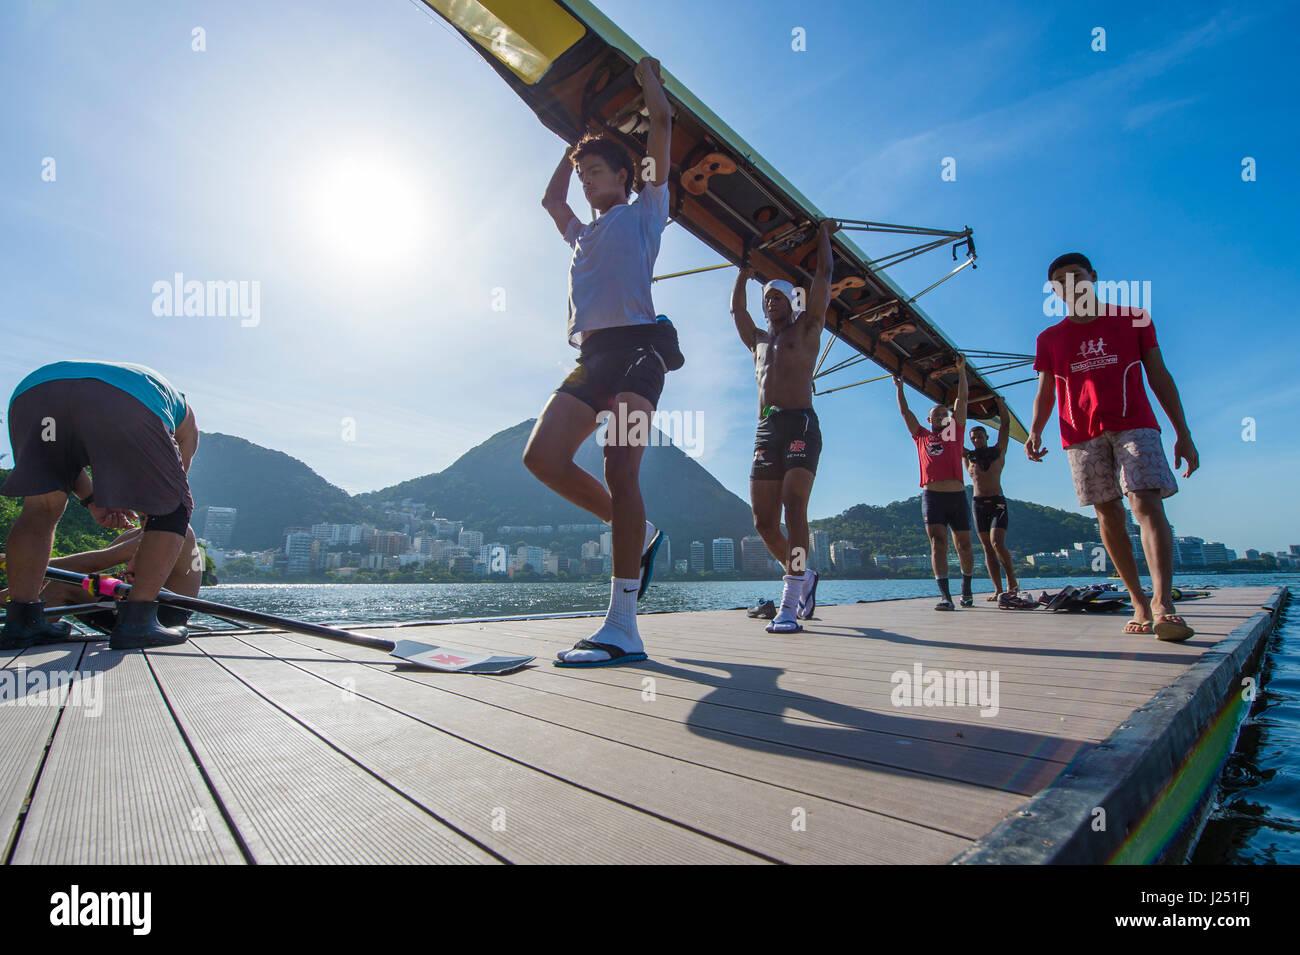 RIO DE JANEIRO - Gennaio 30, 2016: Gruppo del brasiliano rematori di portare la loro barca dal molo dopo una sessione Immagini Stock